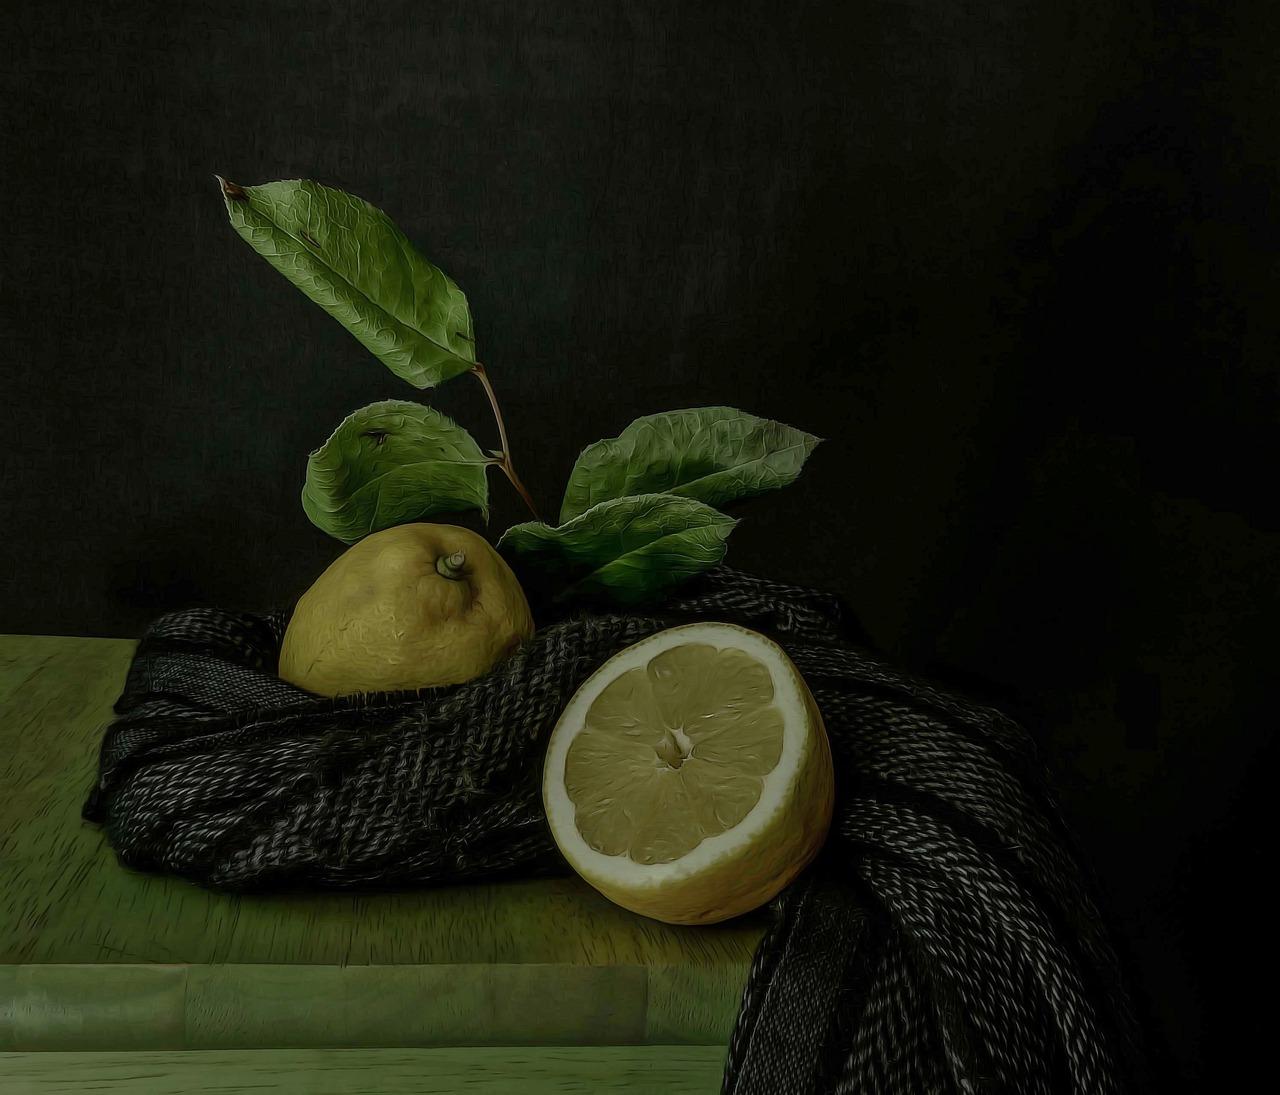 картинки натюрморты с лимоном очередная загадка раздела